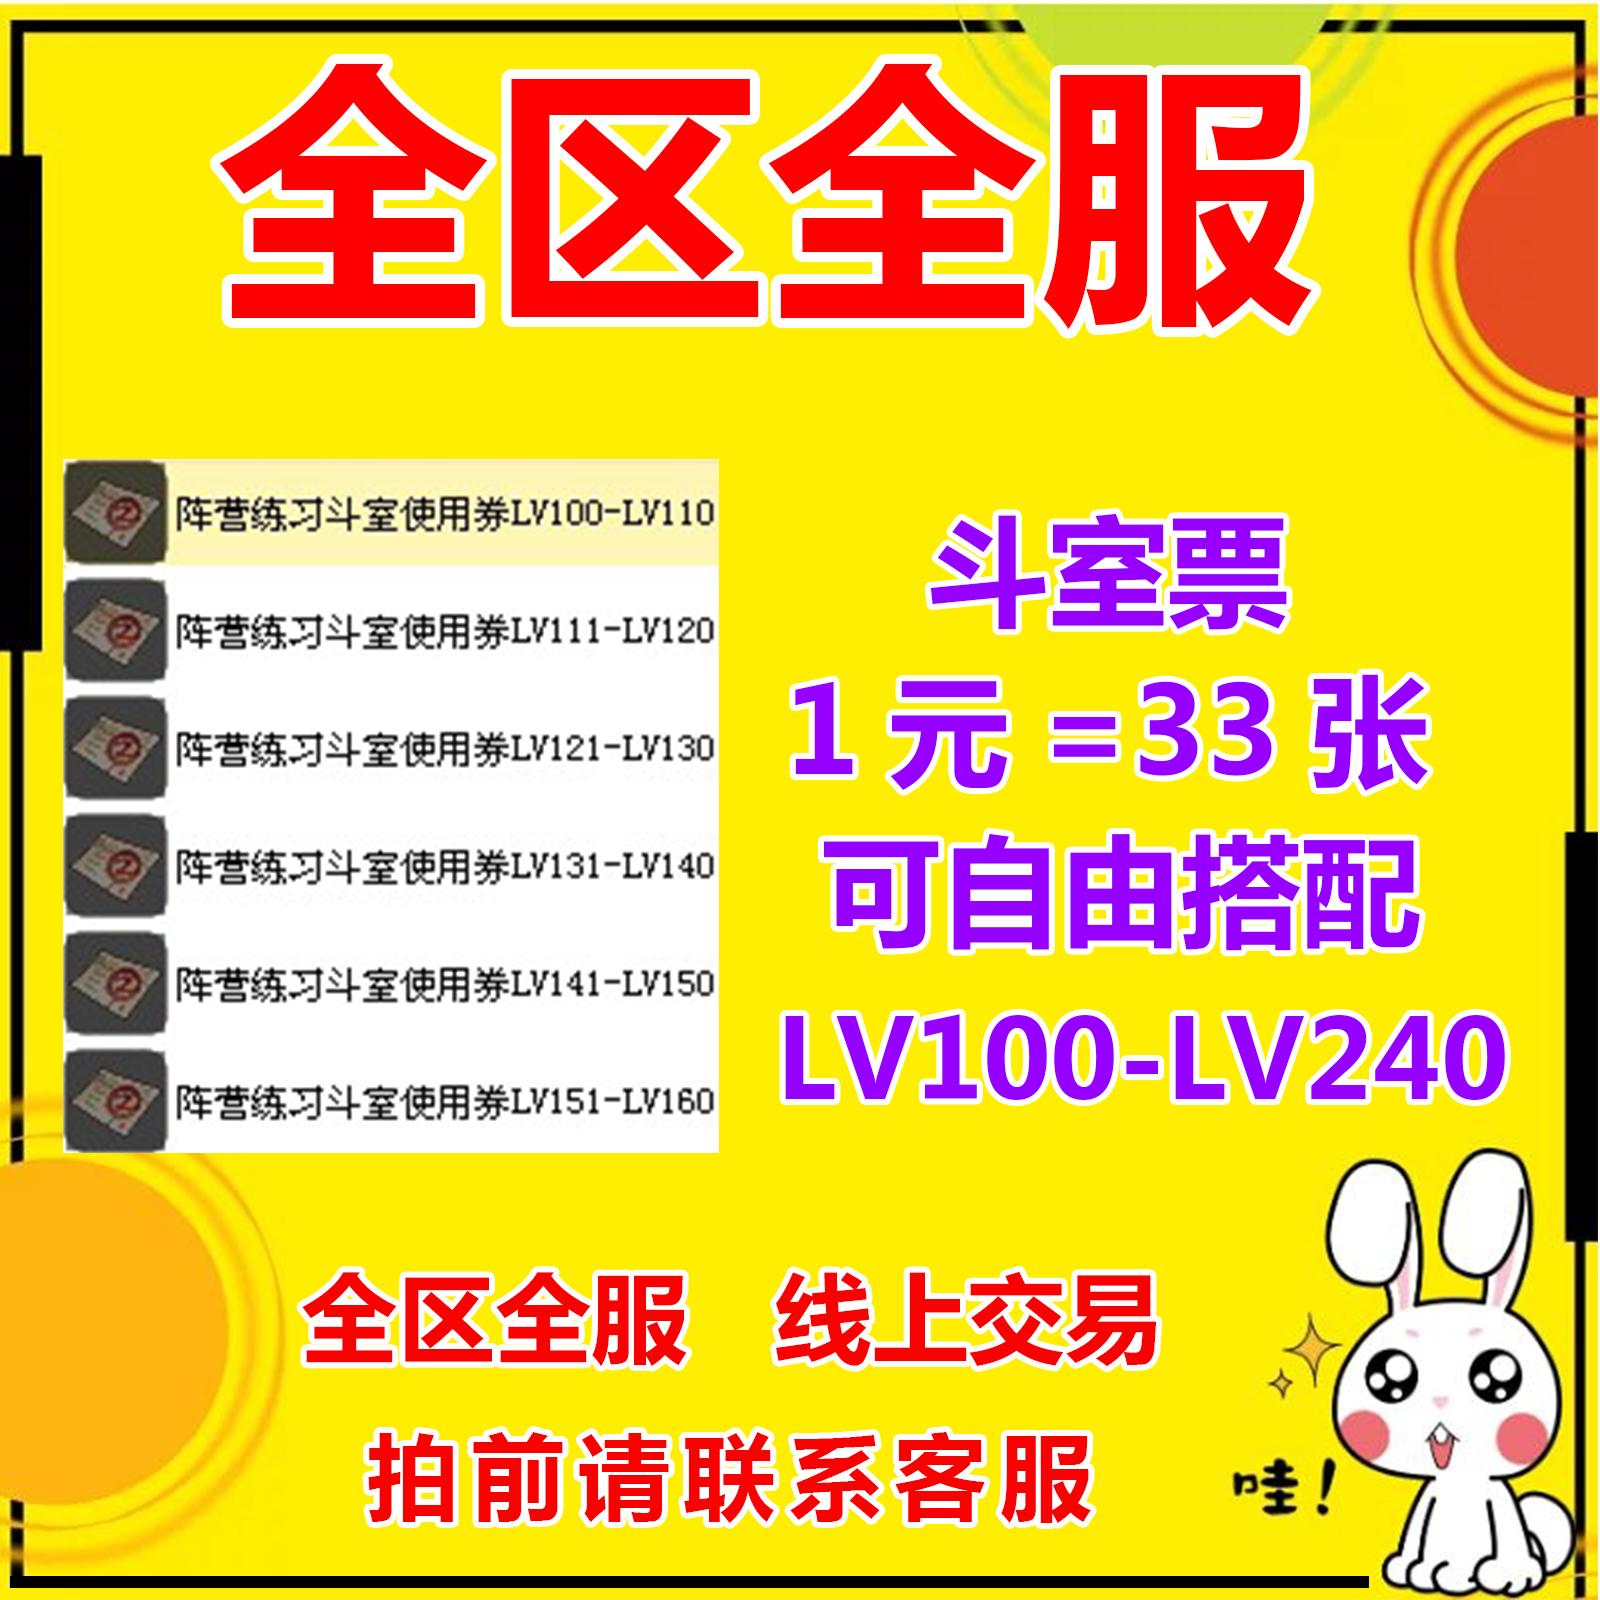 彩虹岛 哈密瓜/虎头鲍/洞庭湖/黄玫瑰/香蕉苹果/斗室门票1元=33张